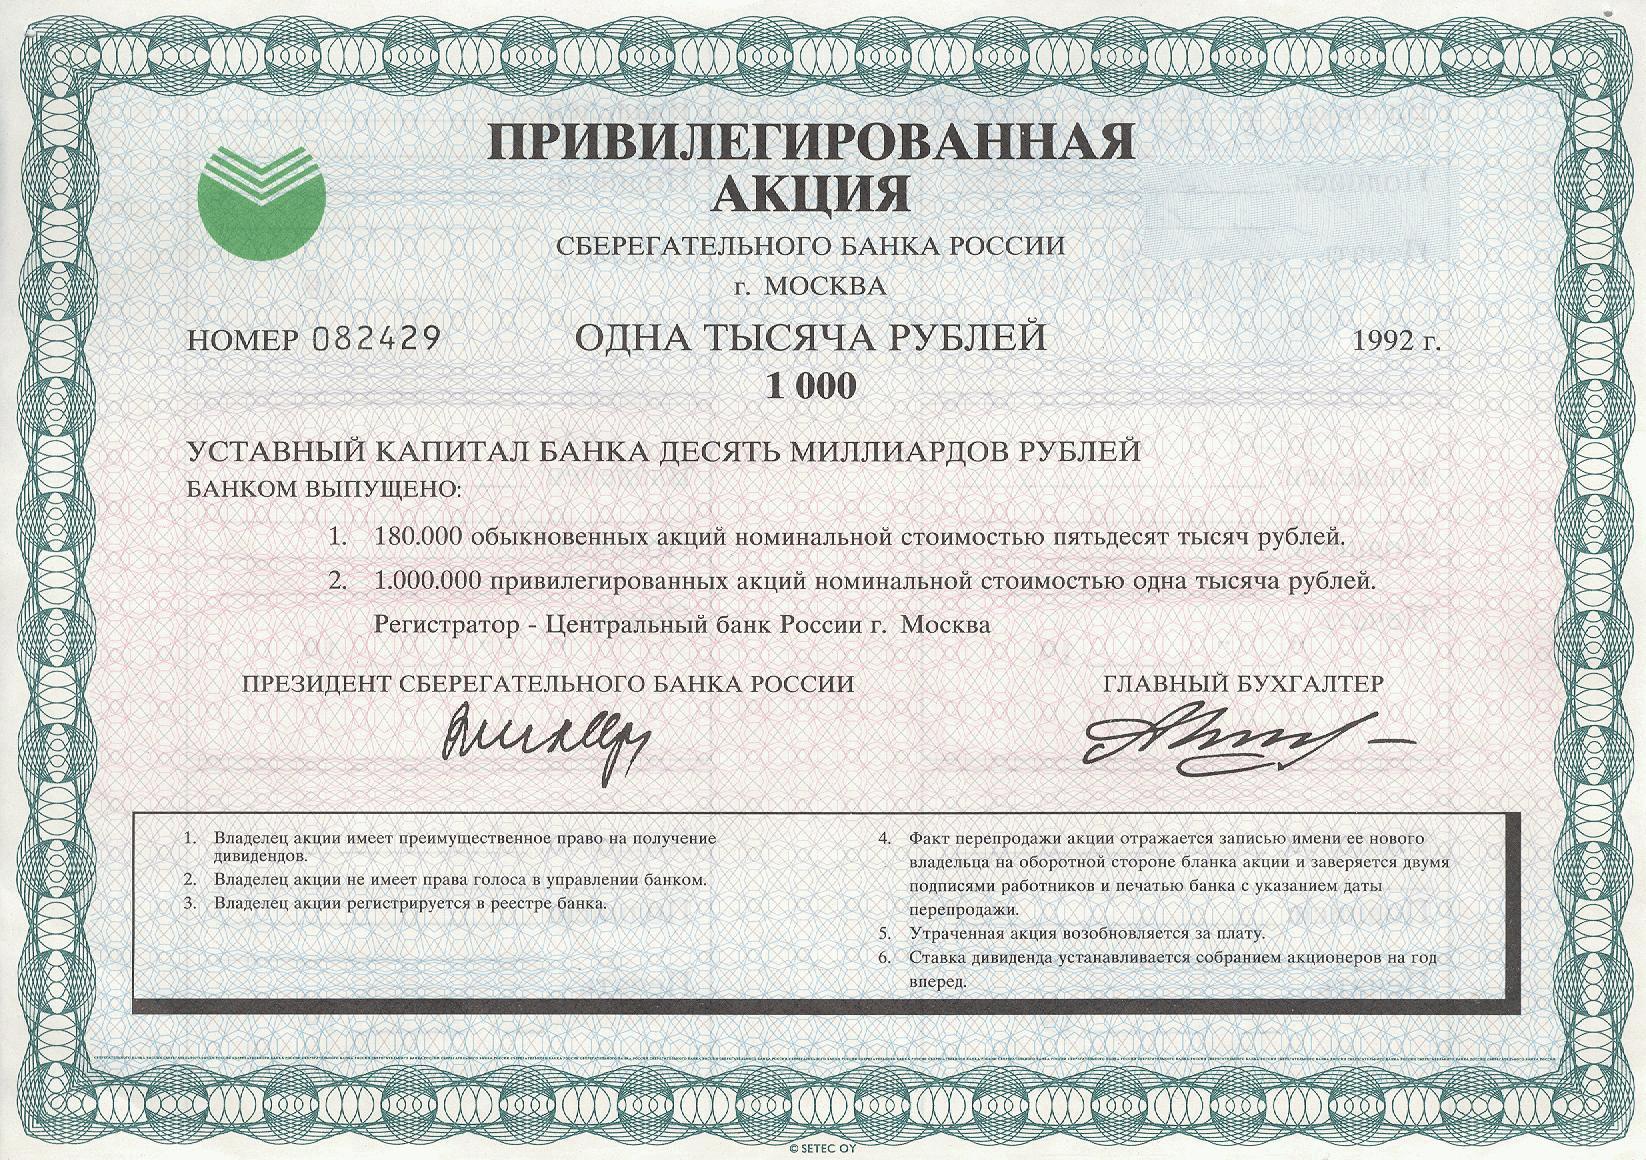 сертификат на привилегированные акции Сбербанка